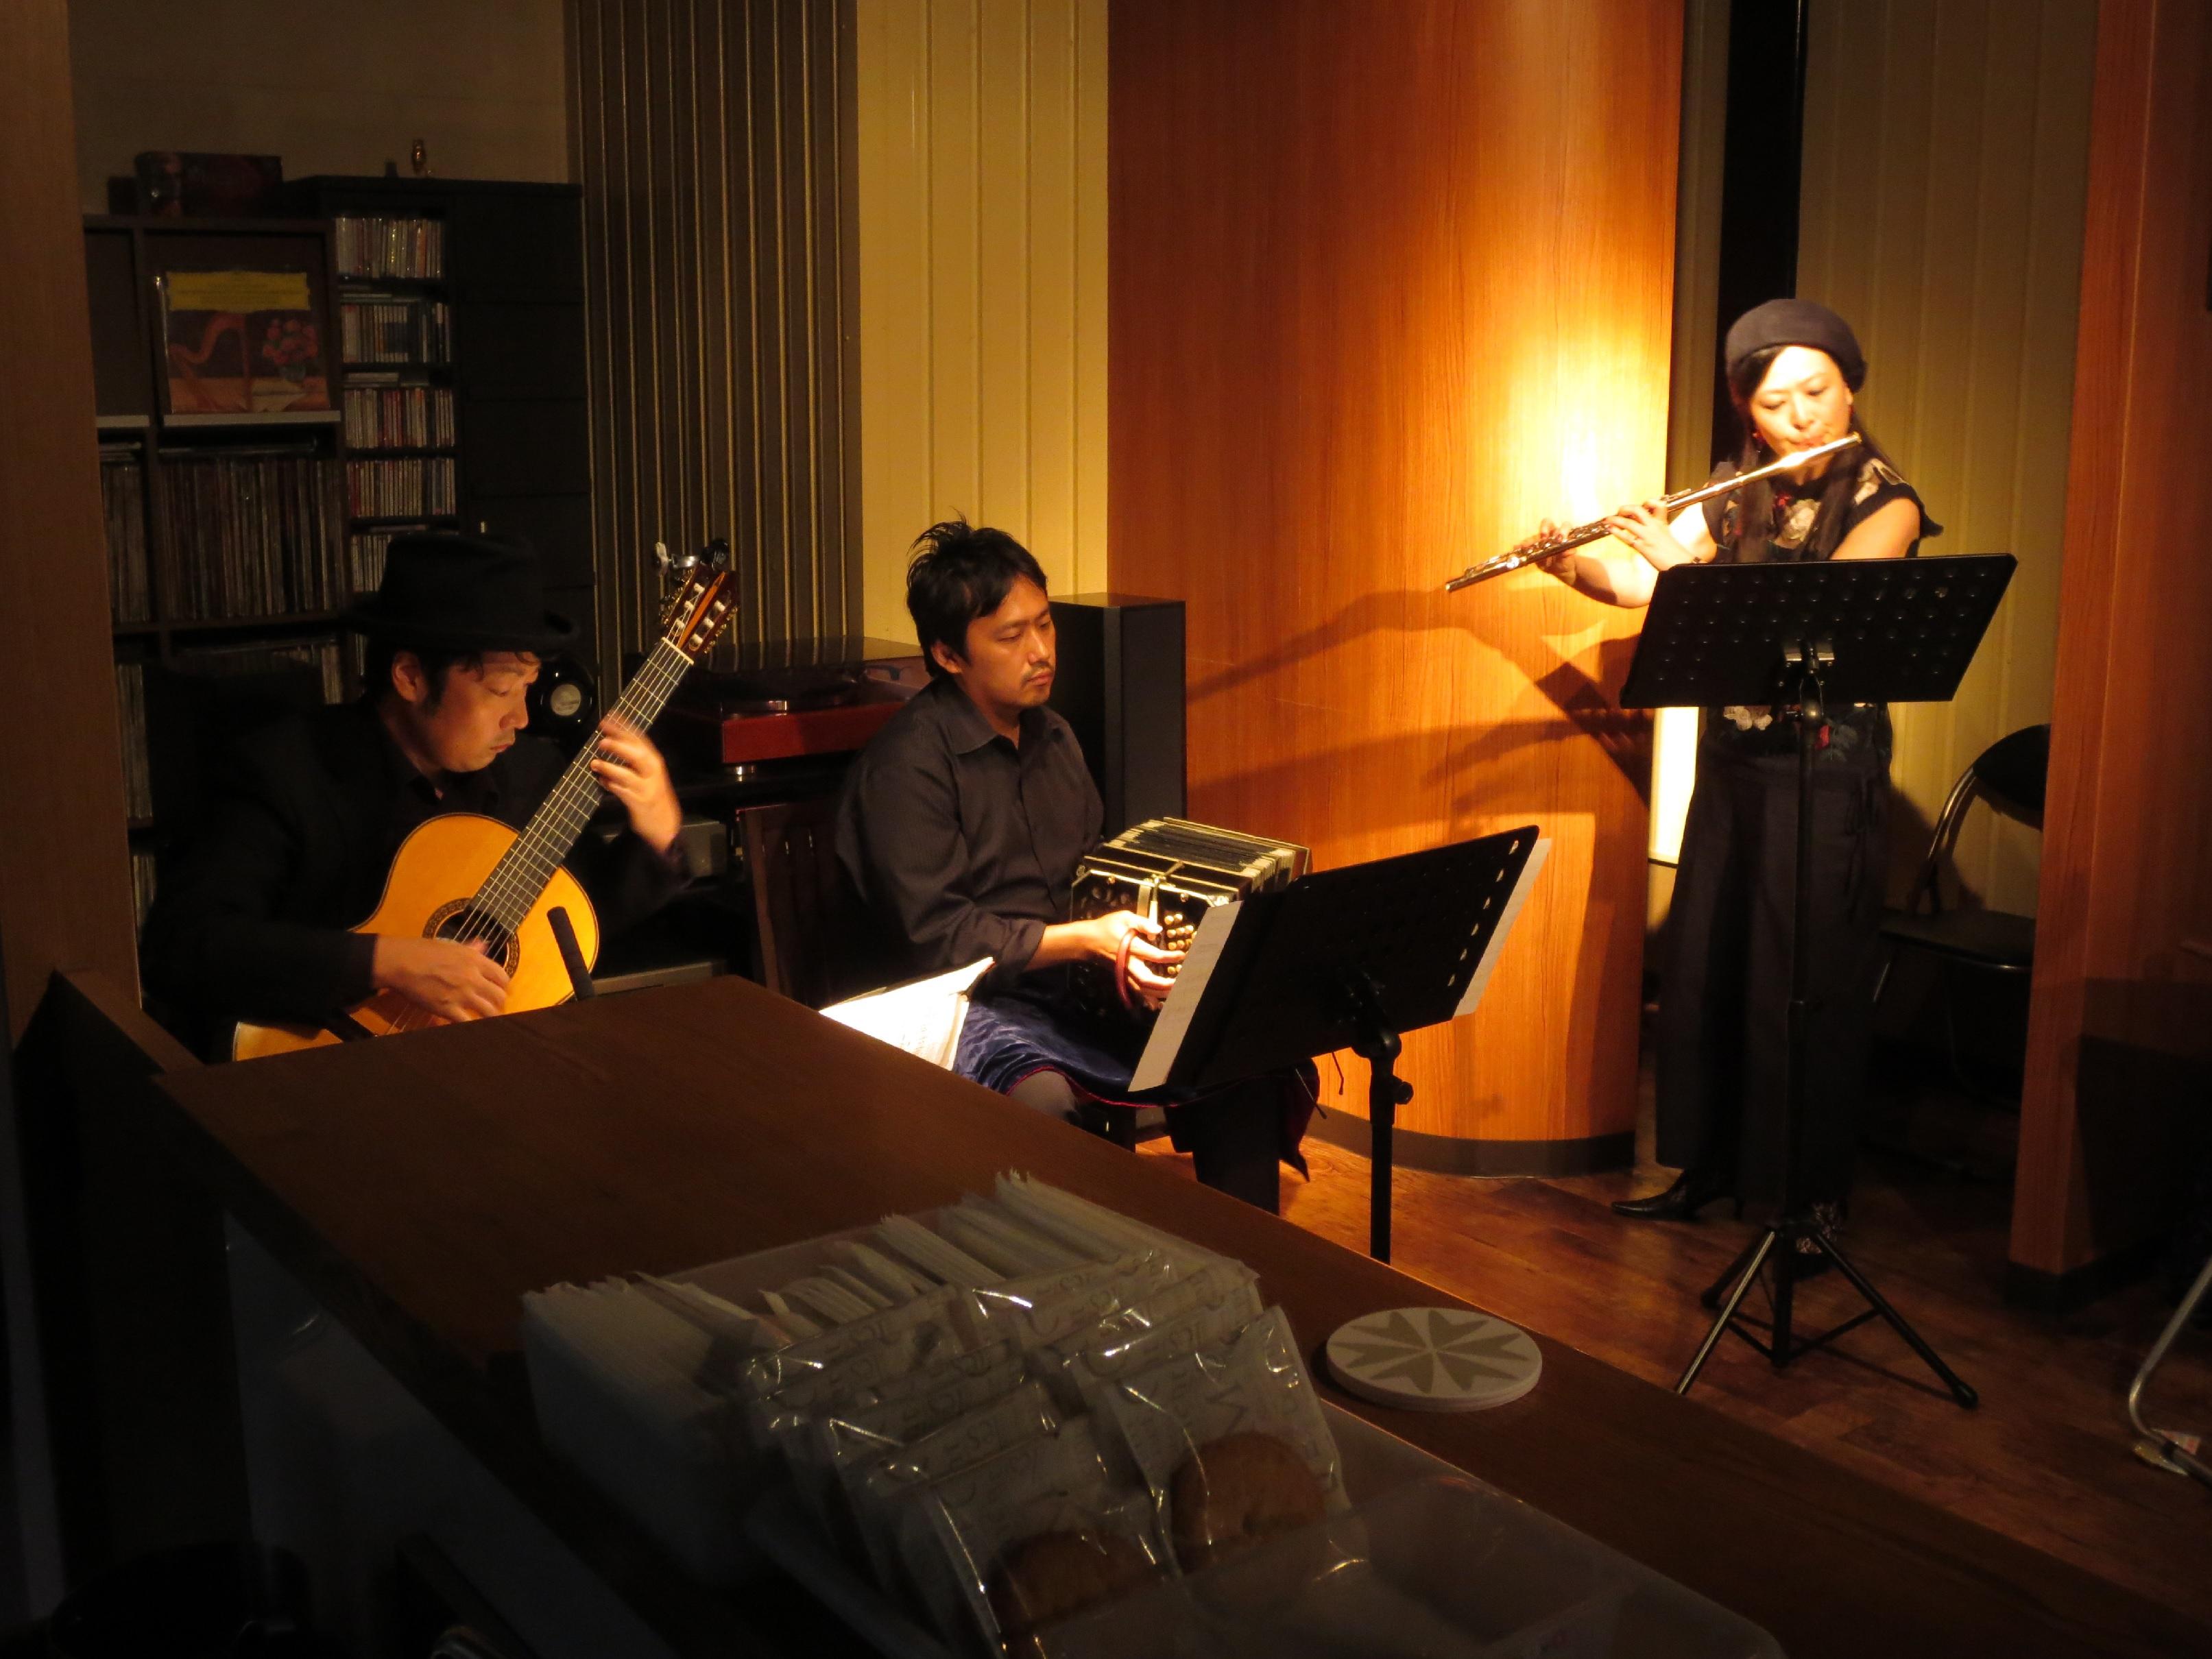 バンドネオン&ギター「タンゴ・グレリオ」 フルート・山村有佳里